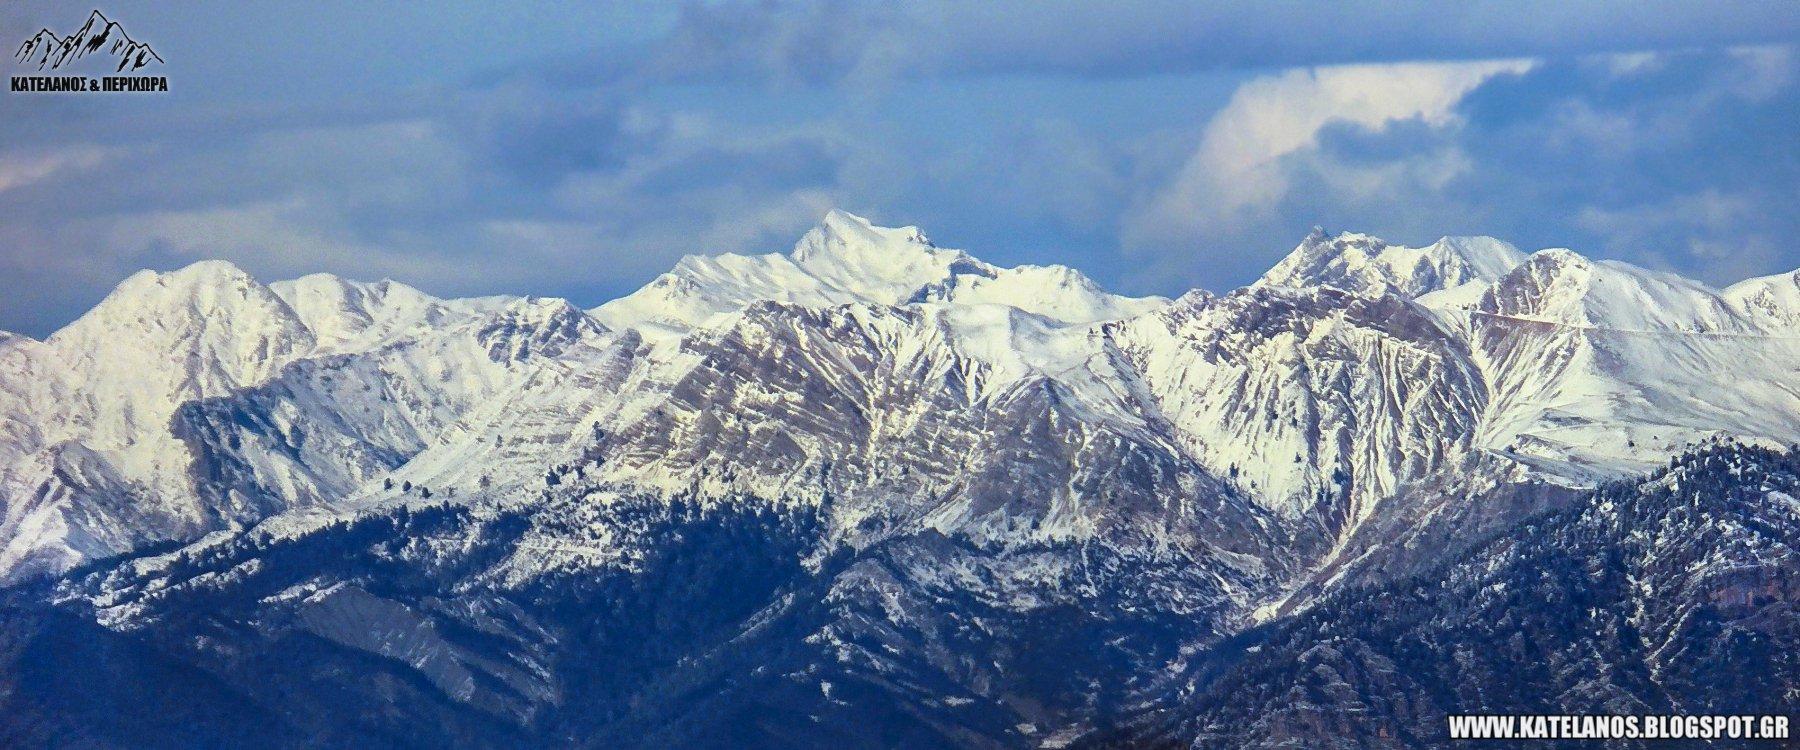 ορος χατζη νοτιας πινδου βουνο